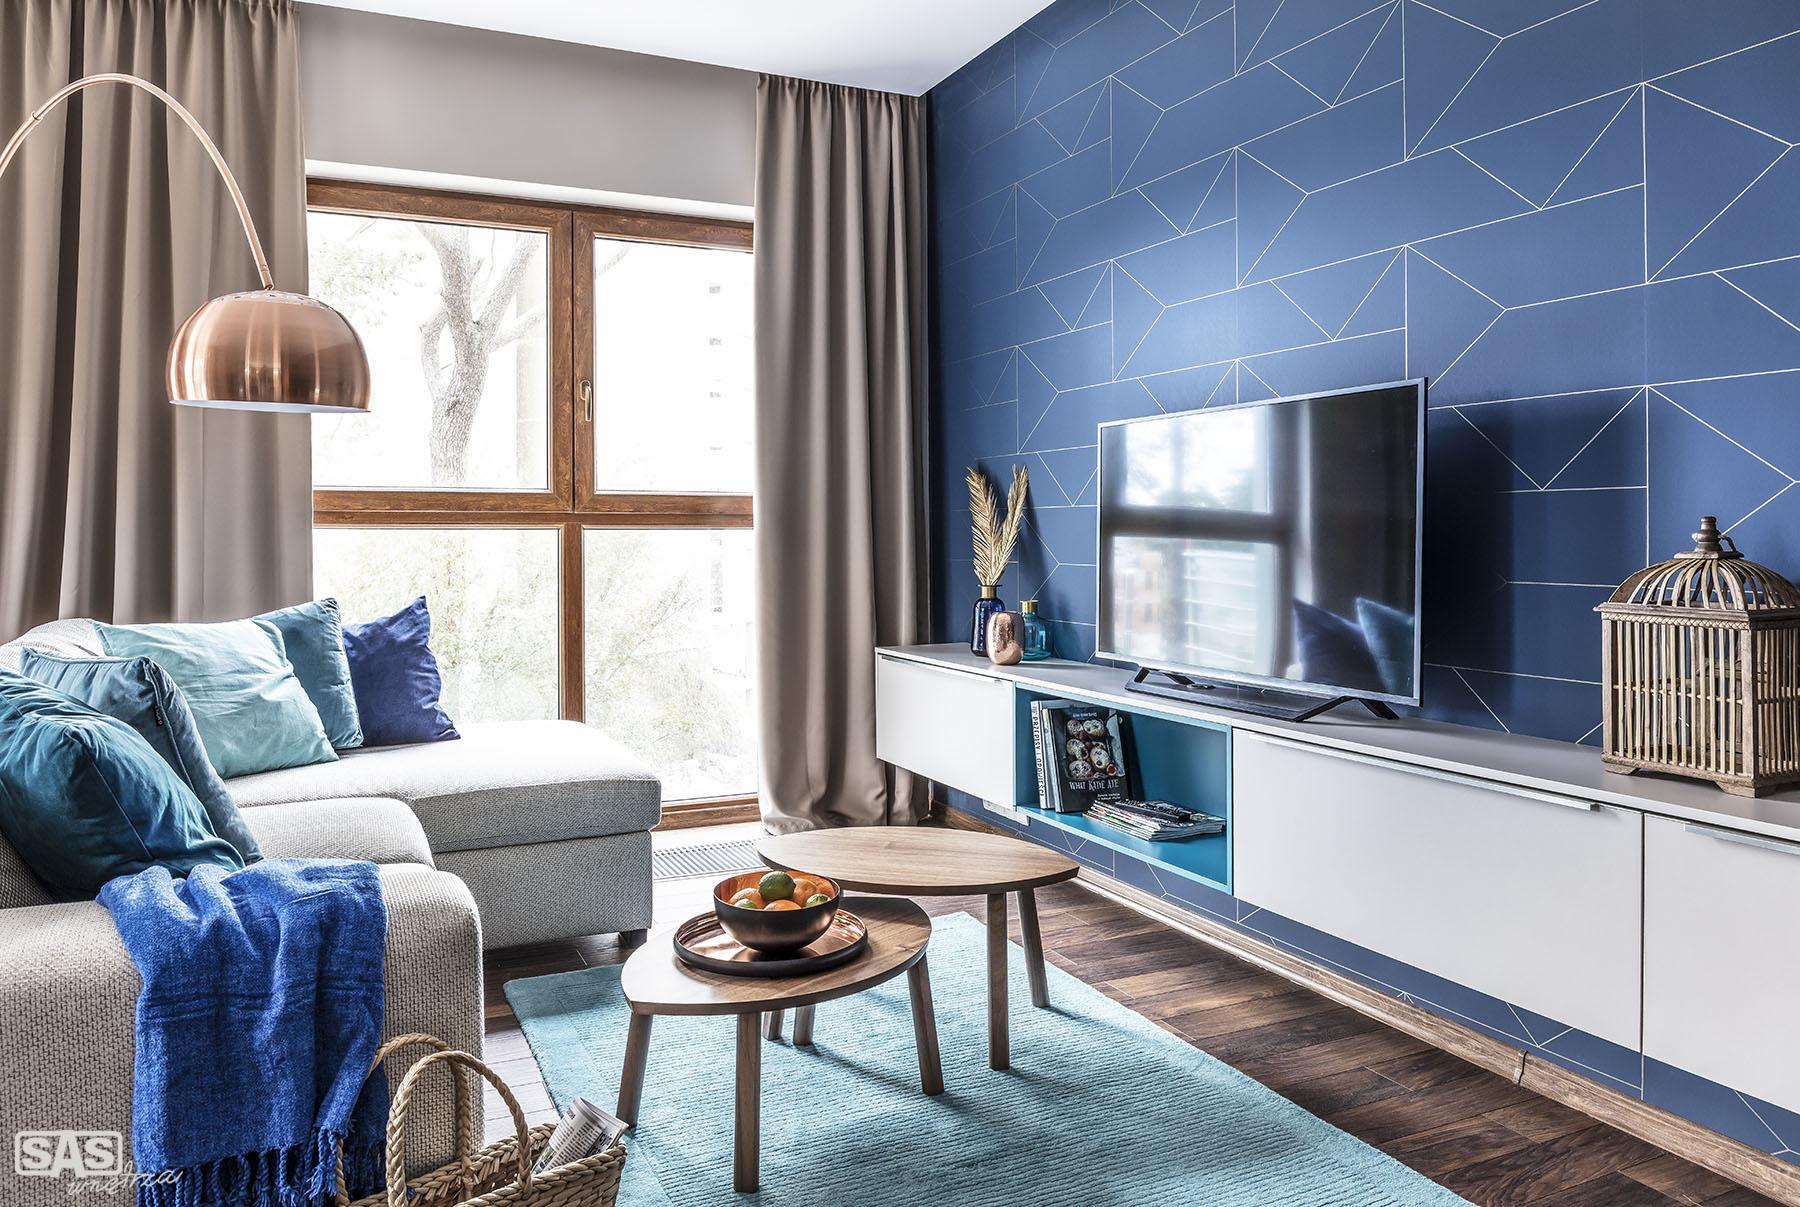 Aranżacja salonu w nadmorskim mieszkaniu - projekt architekt wnętrz Emilia Strzempek Plasun.